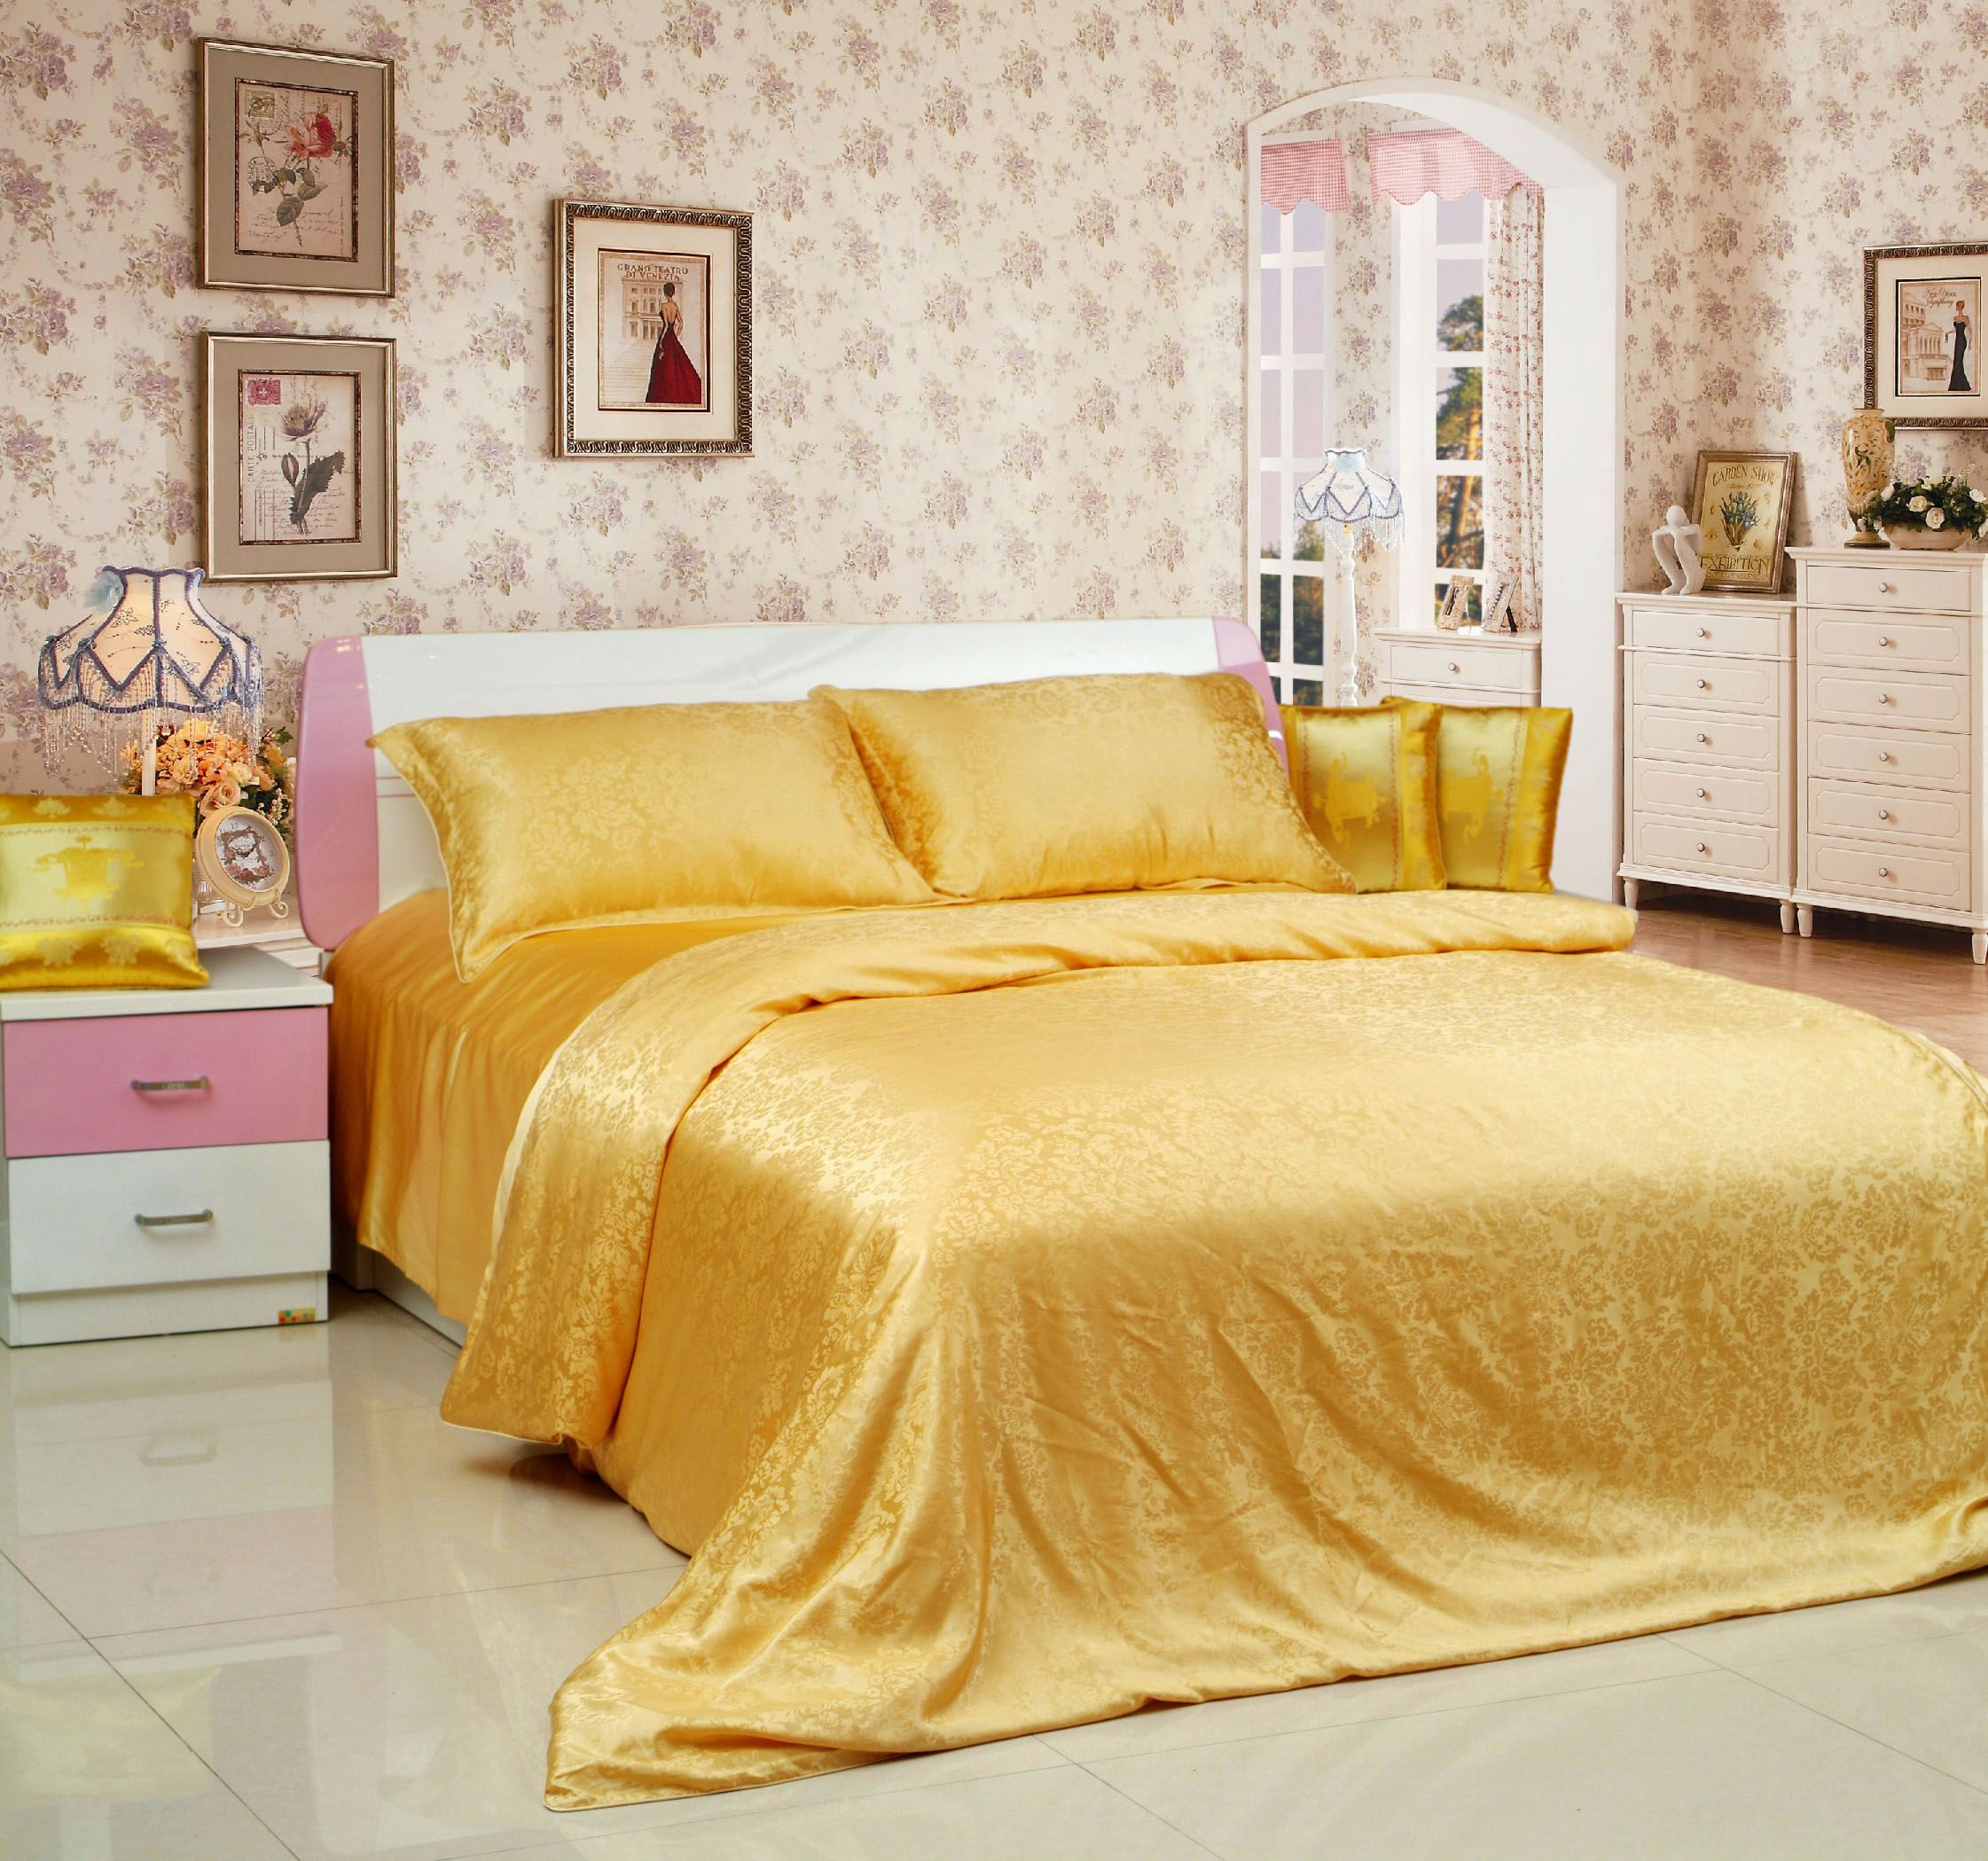 Deluxe Golden Floral Patterns Mulberry Silk Soft Bedding Set #beddingset #golden #casasilk http://www.casasilk.com/Deluxe/Silk-Bedding-c1-103974/ click here:http://www.casasilk.com/product/10912748.html